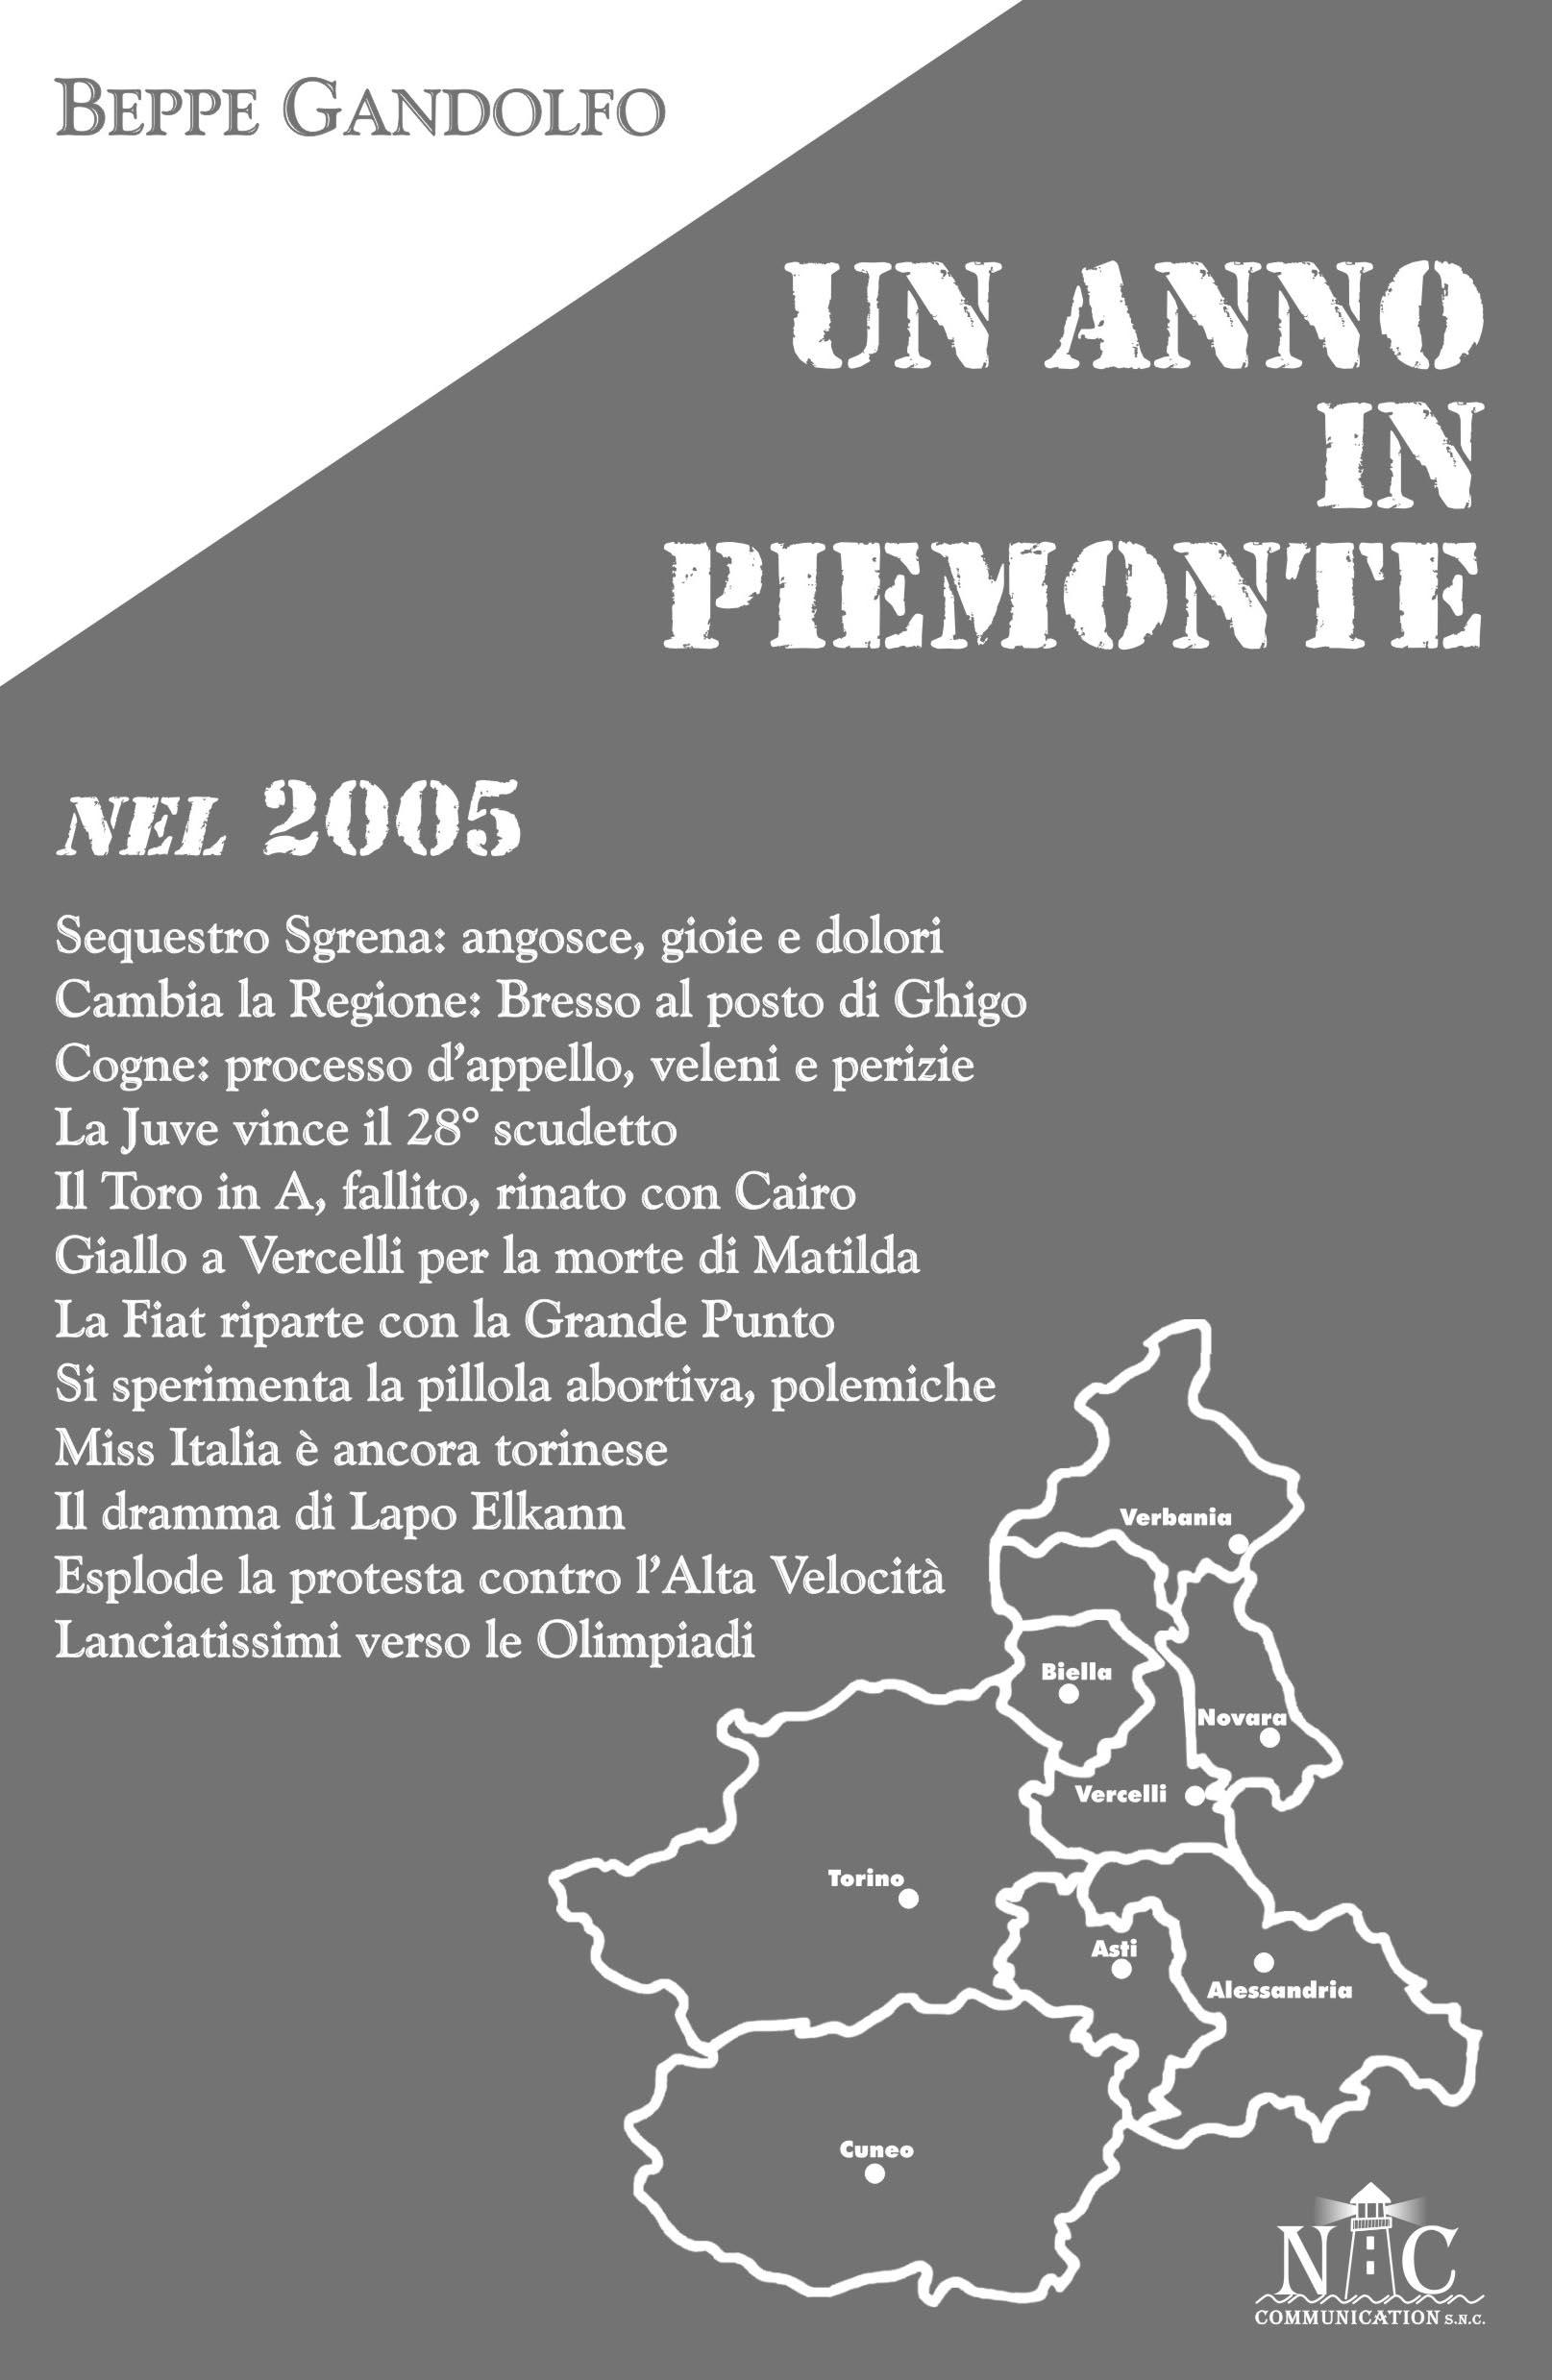 Un anno in Piemonte nel 2005